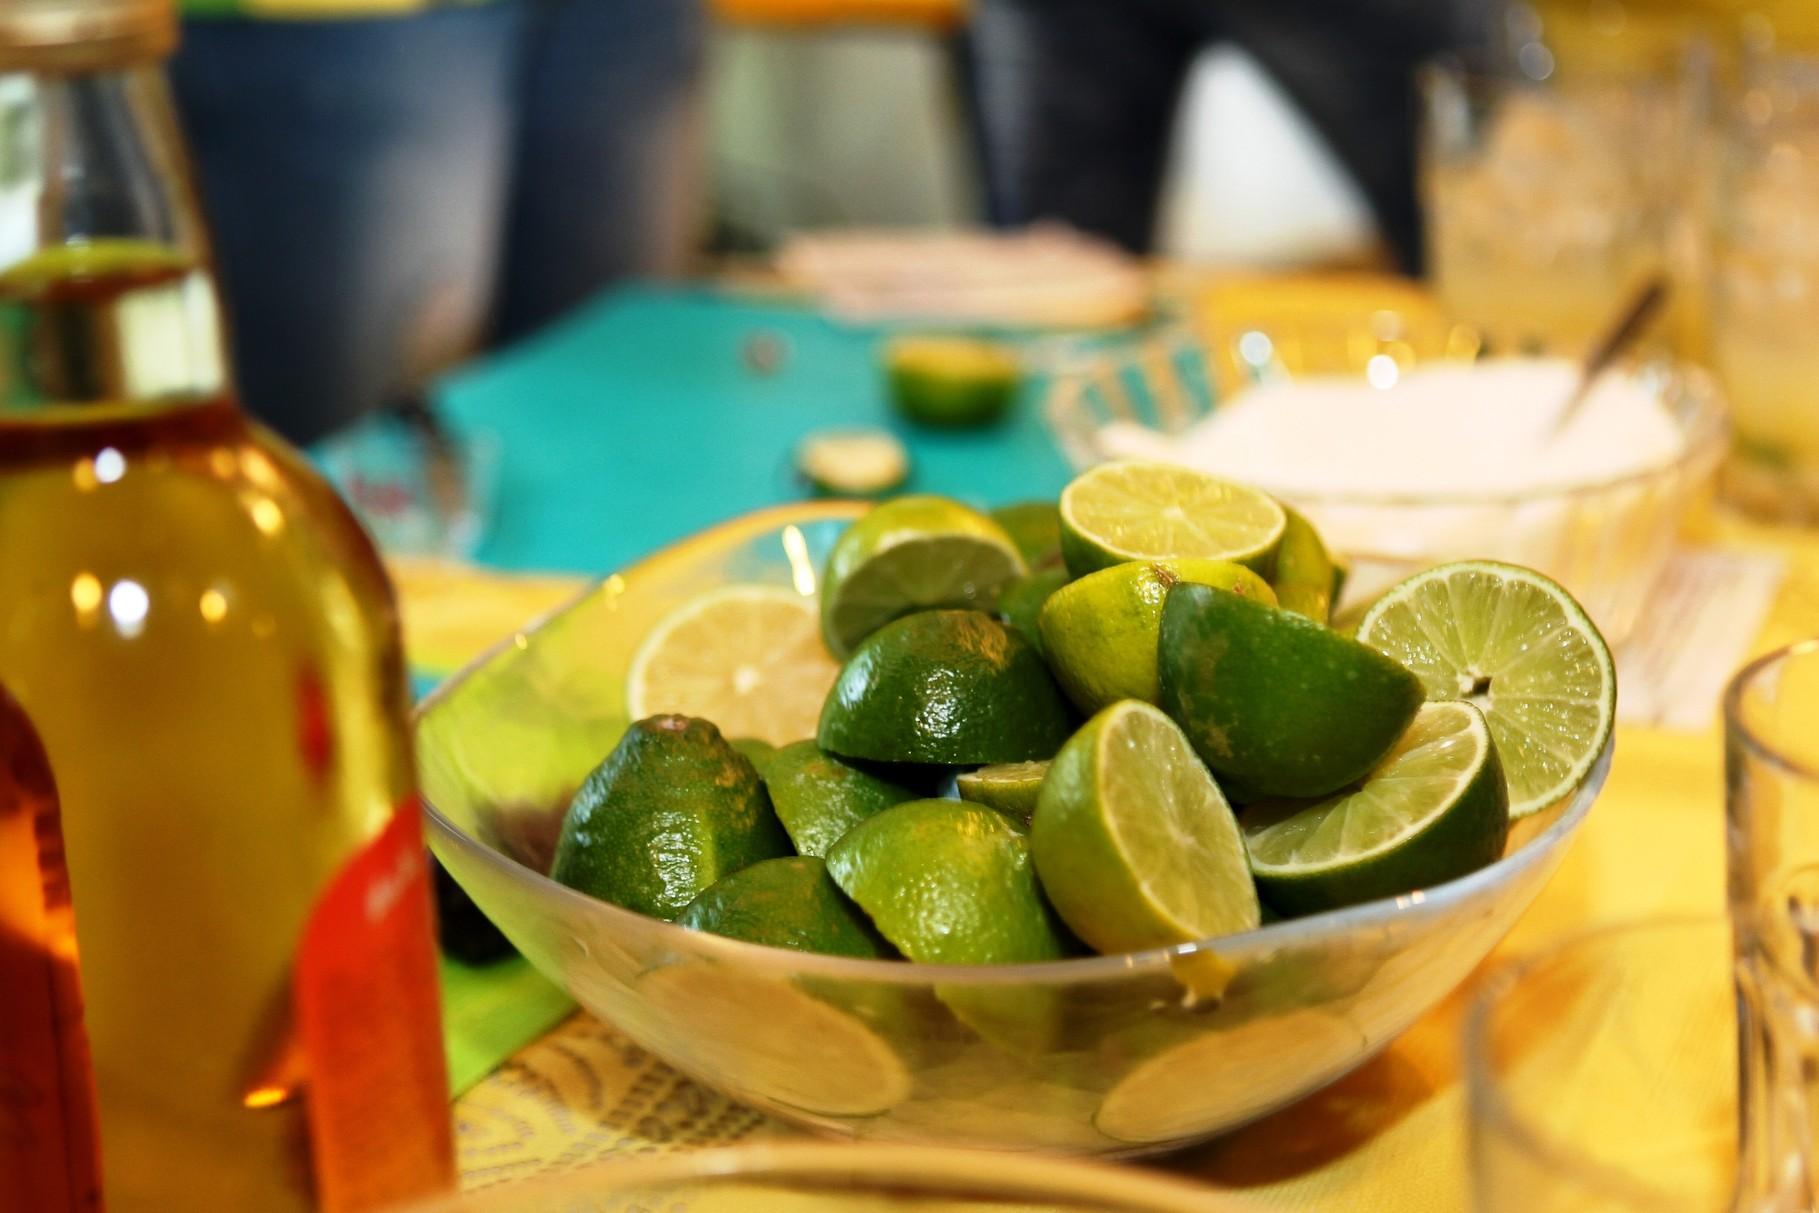 Feinste Zutaten für echte Caipirinhas